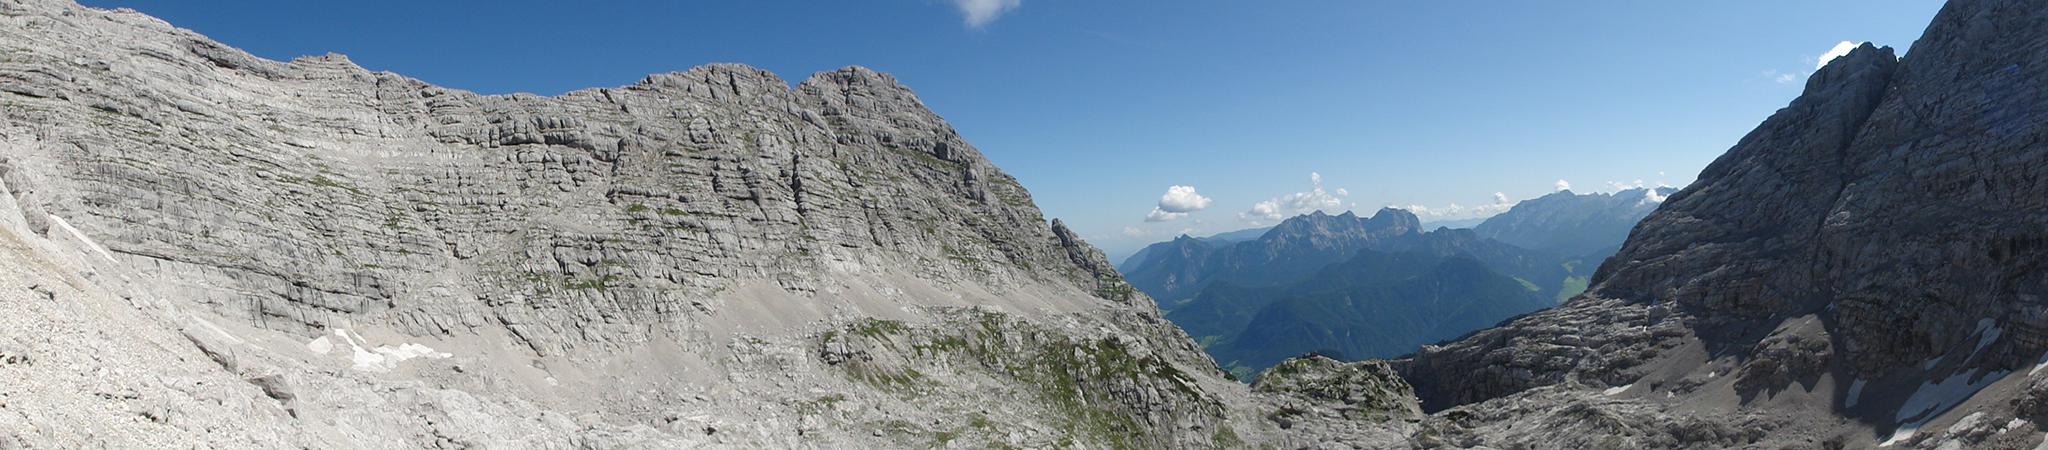 Arnoweg: Ausblick über die Große Wehrgrube in den Loferer Steinbergen mit der Schmidt-Zabierow-Hütte am Kamm